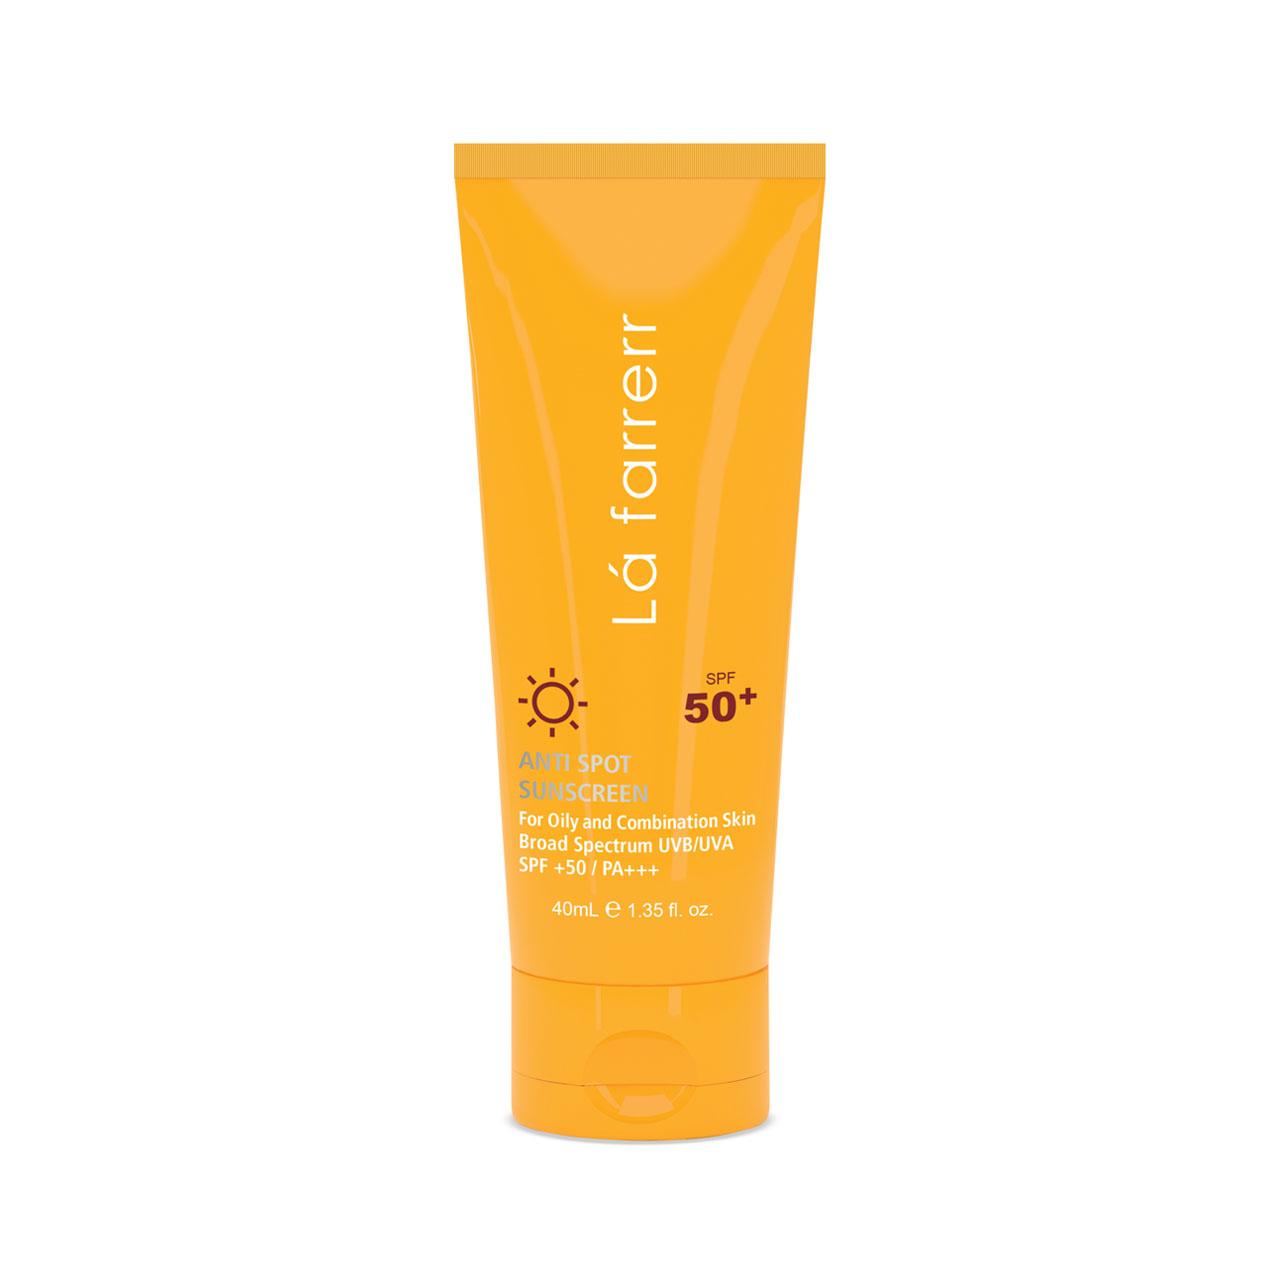 کرم ضد آفتاب و ضد لک لافارر مدل Oily and Acne-Prone SPF50 حجم 40 میلی لیتر